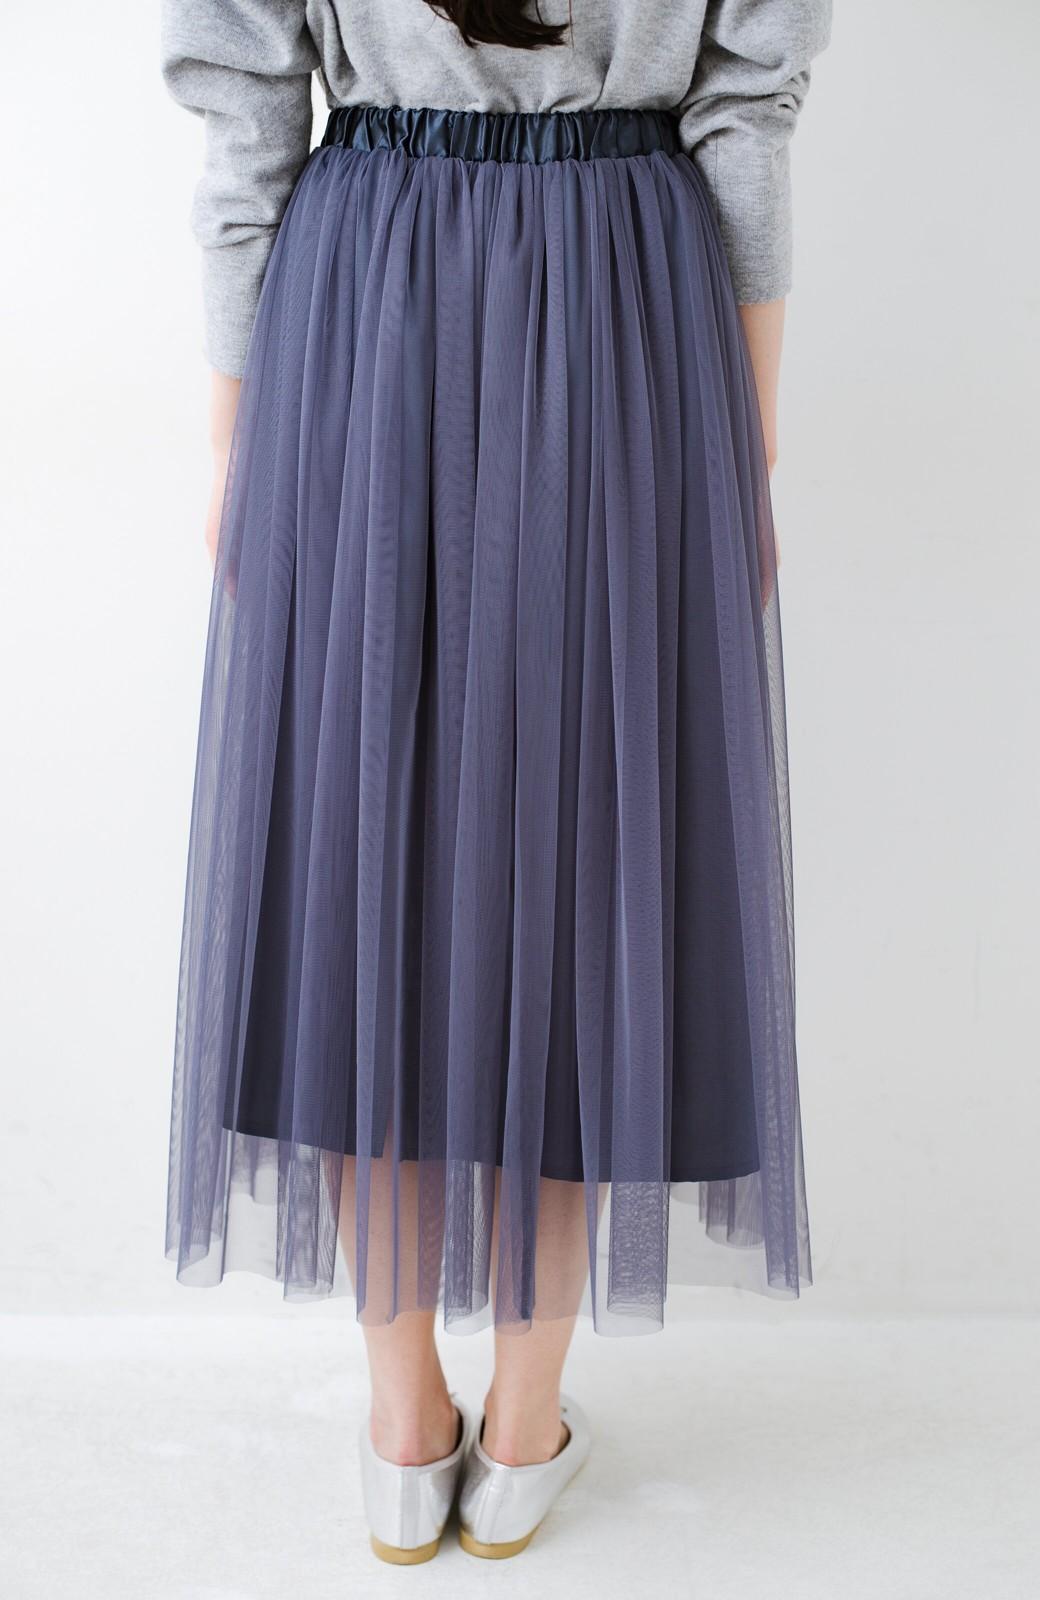 haco! 着るだけでルンとした気分になる! 長ーーい季節着られてずっと使えるオトナのためのチュールスカート <ネイビー>の商品写真8